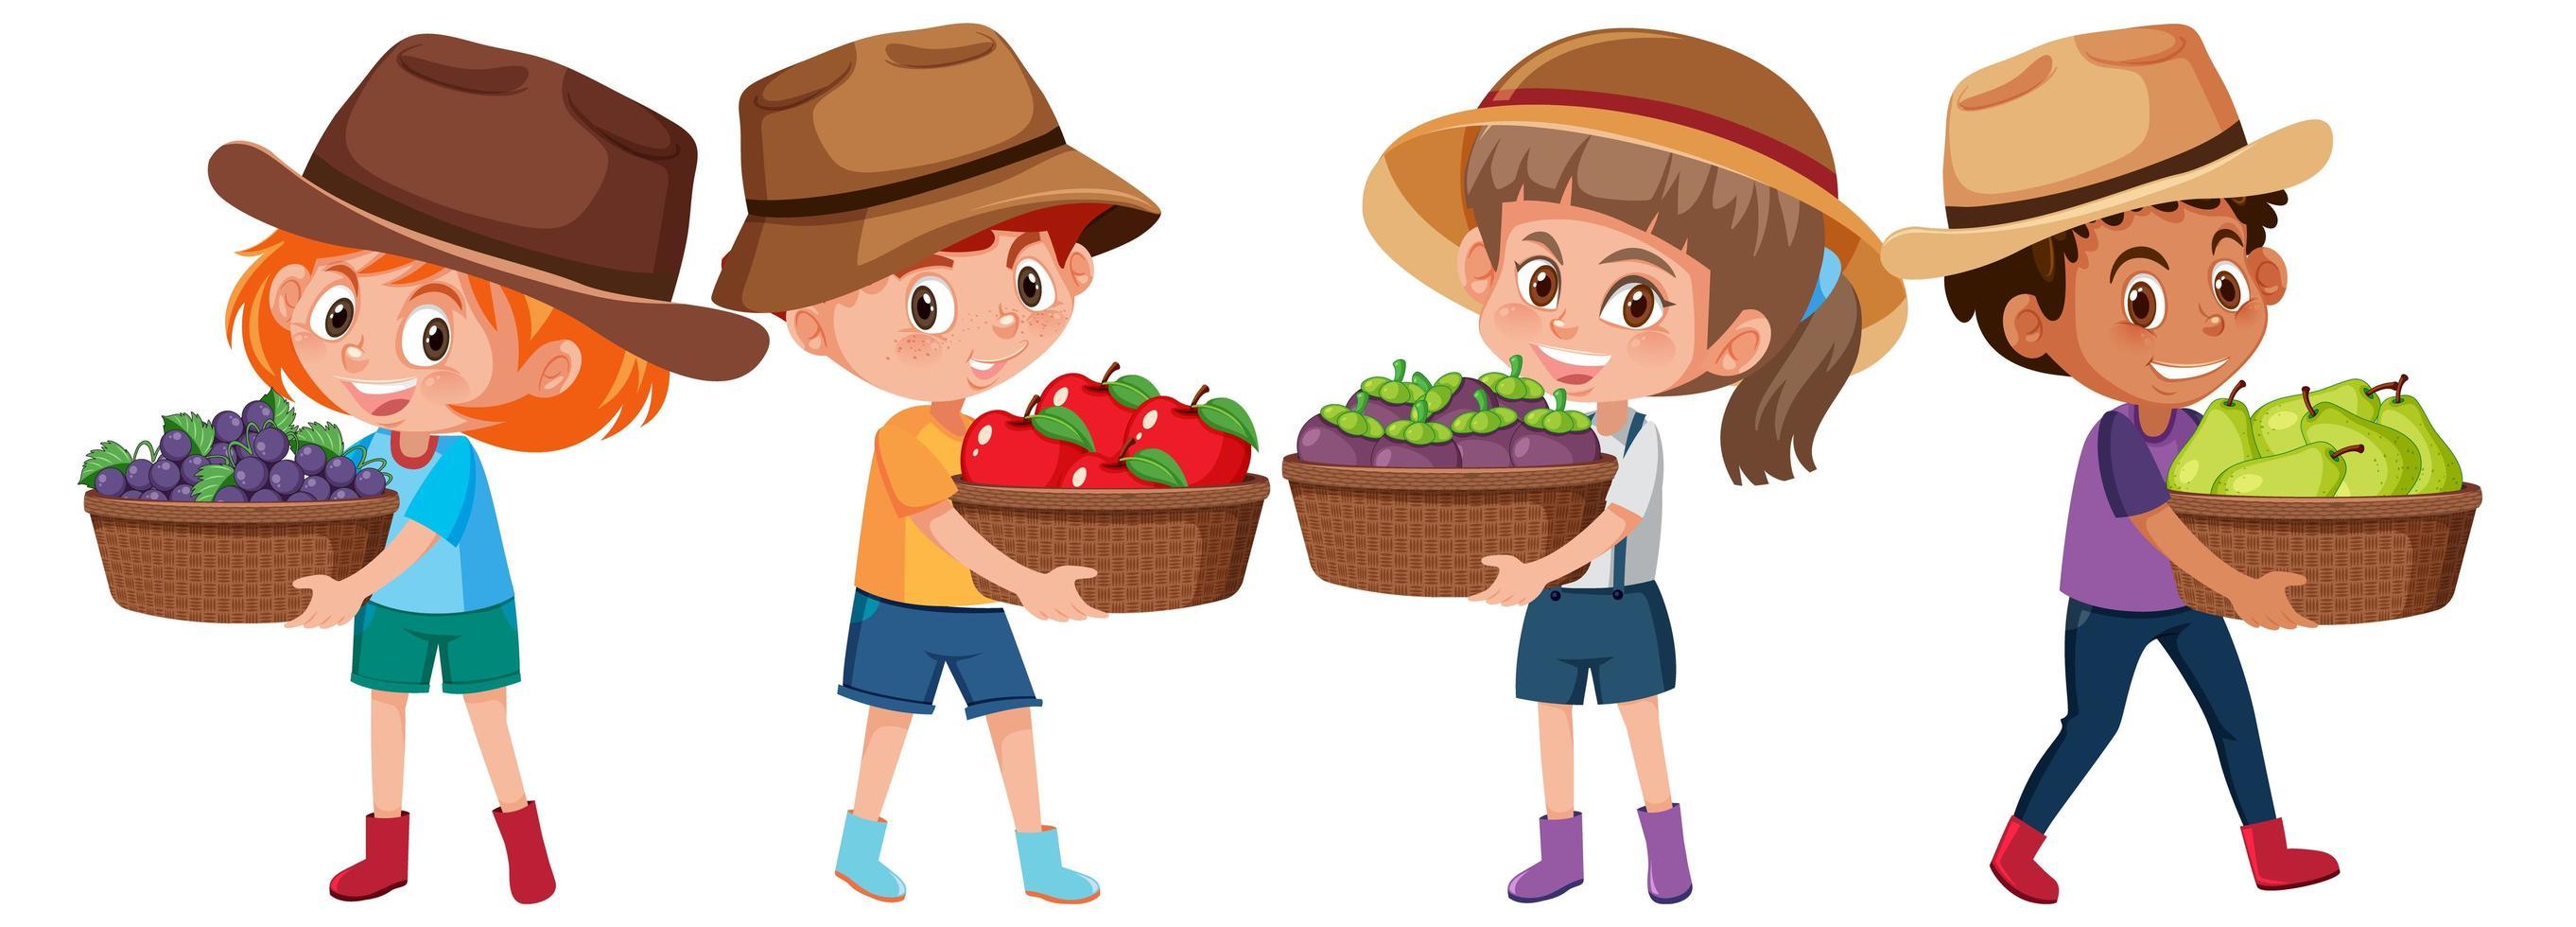 ensemble de différents enfants tenant une corbeille de fruits vecteur